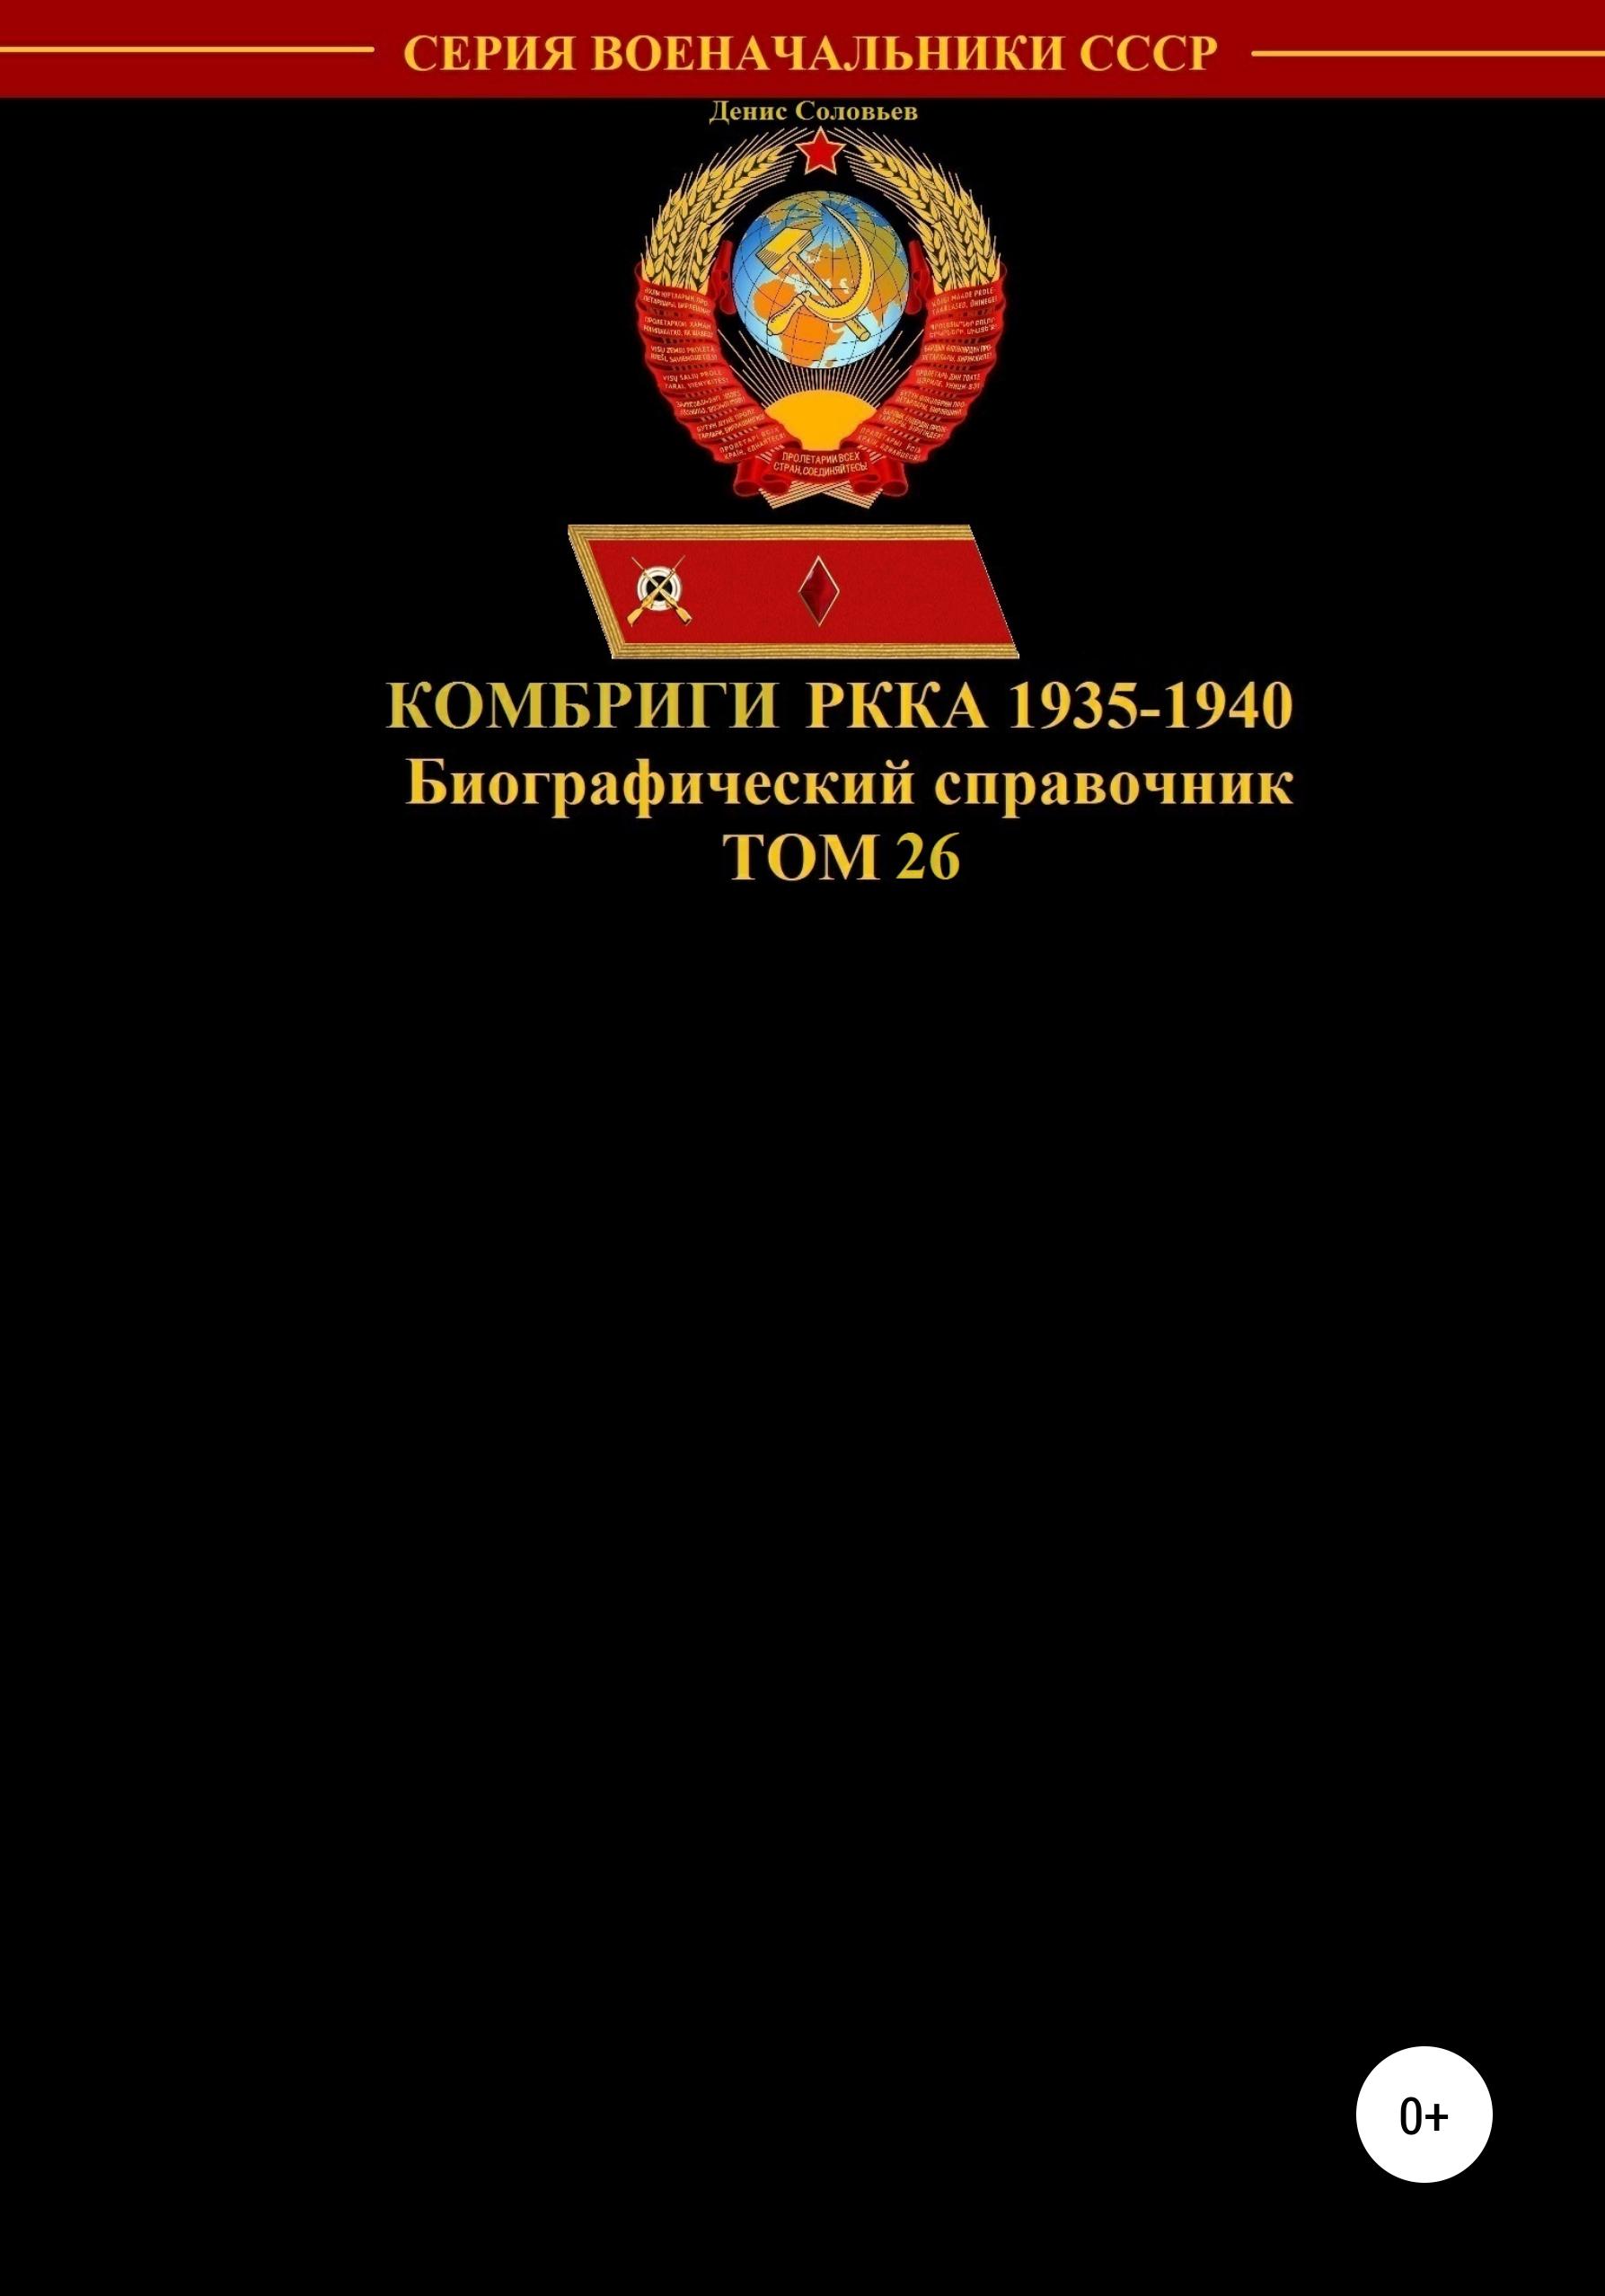 Купить книгу Комбриги РККА 1935-1940. Том 26, автора Дениса Юрьевича Соловьева